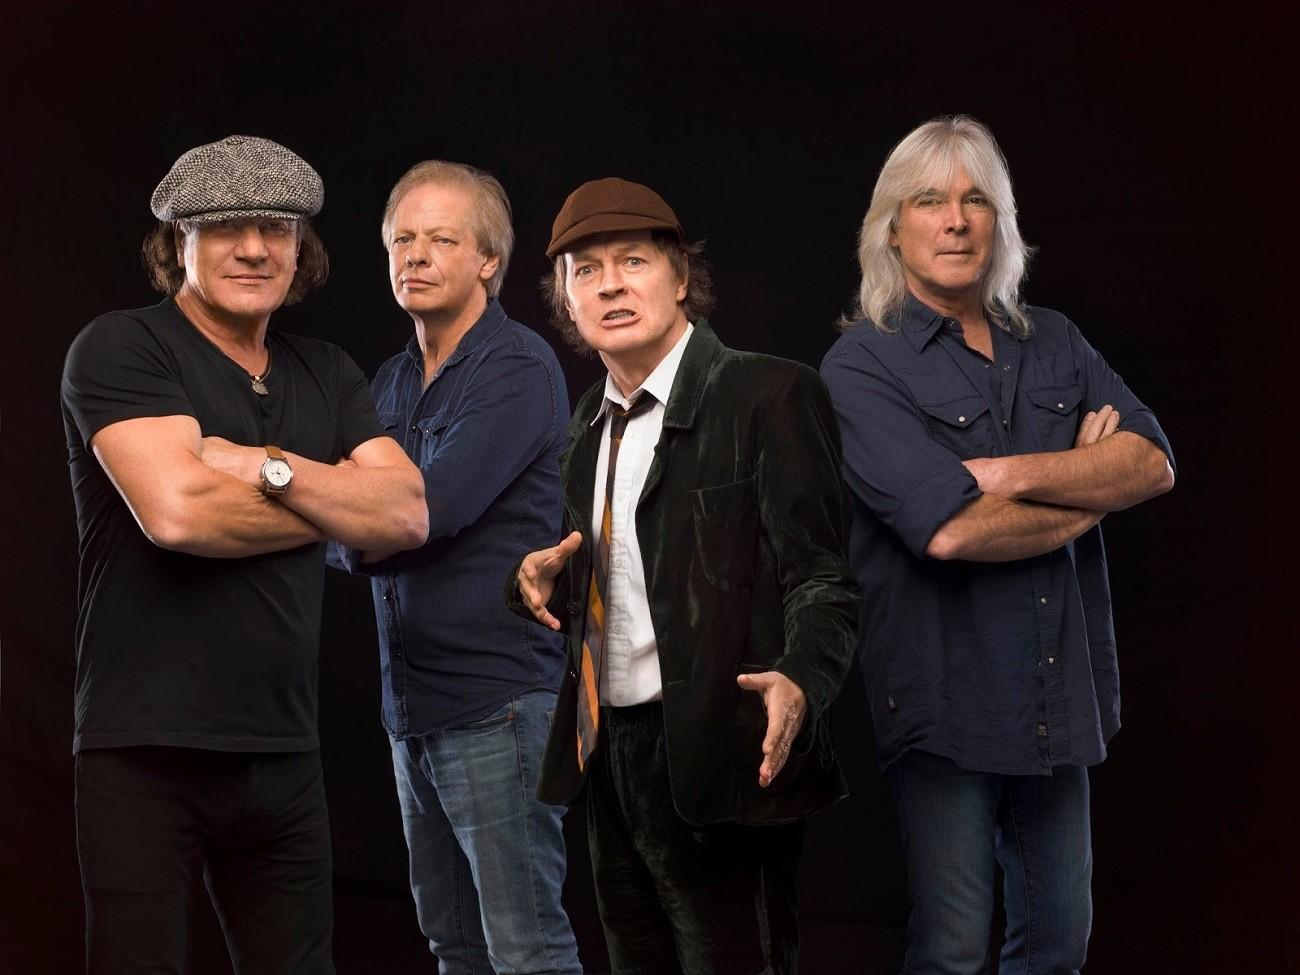 AC/DC est de retour avec Brian Johnson et Phil Rudd (un nouvel album de Rock arrive !)